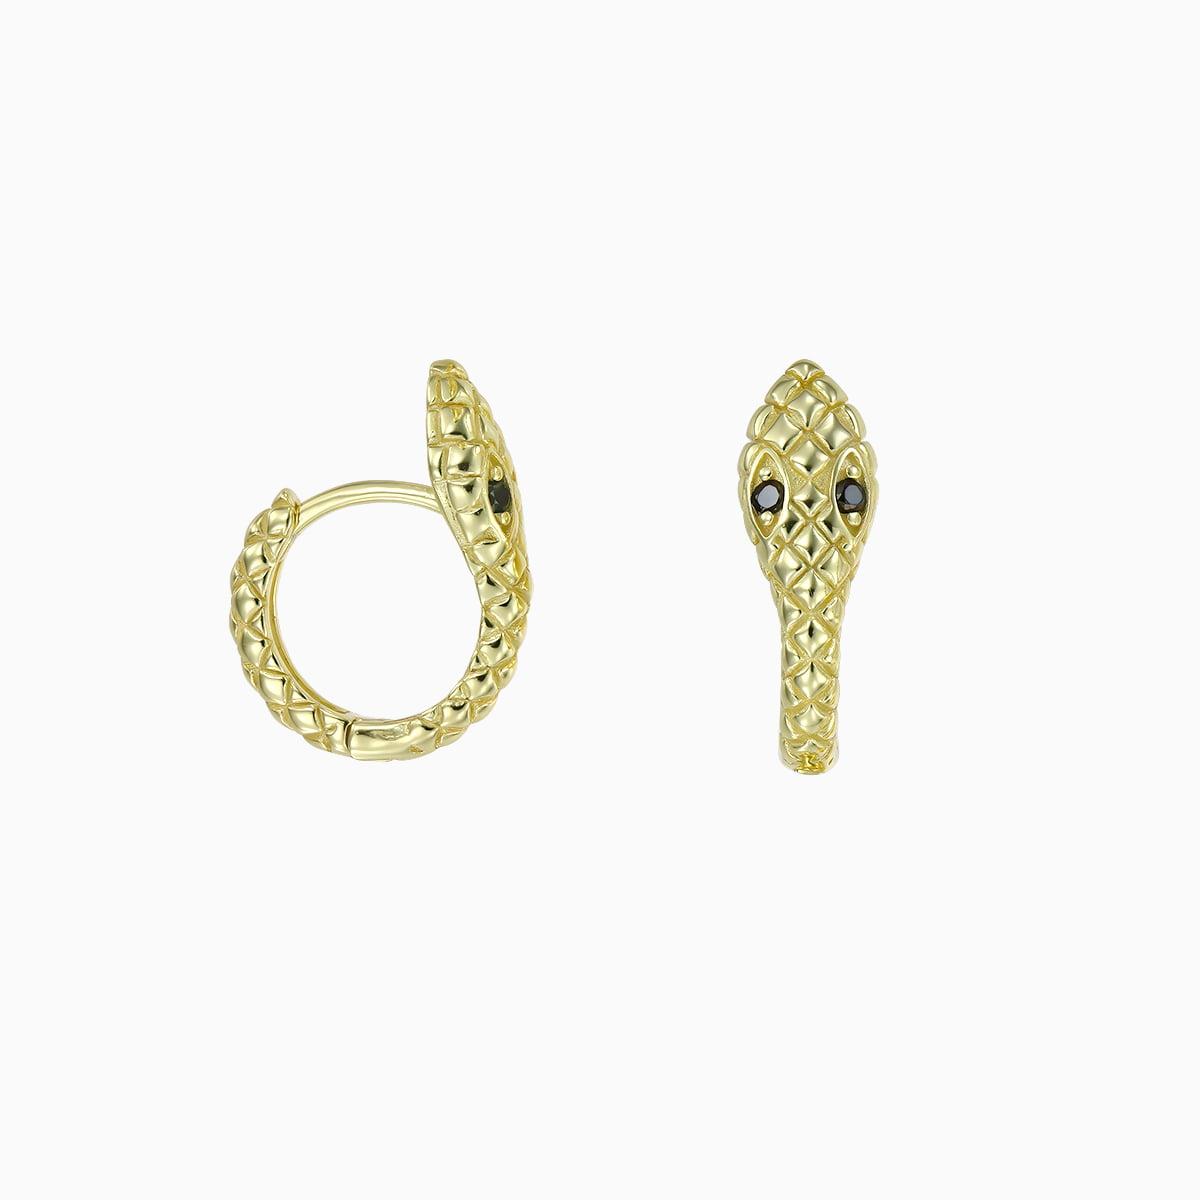 Cercei din argint Manissi Snake Hoop Gold